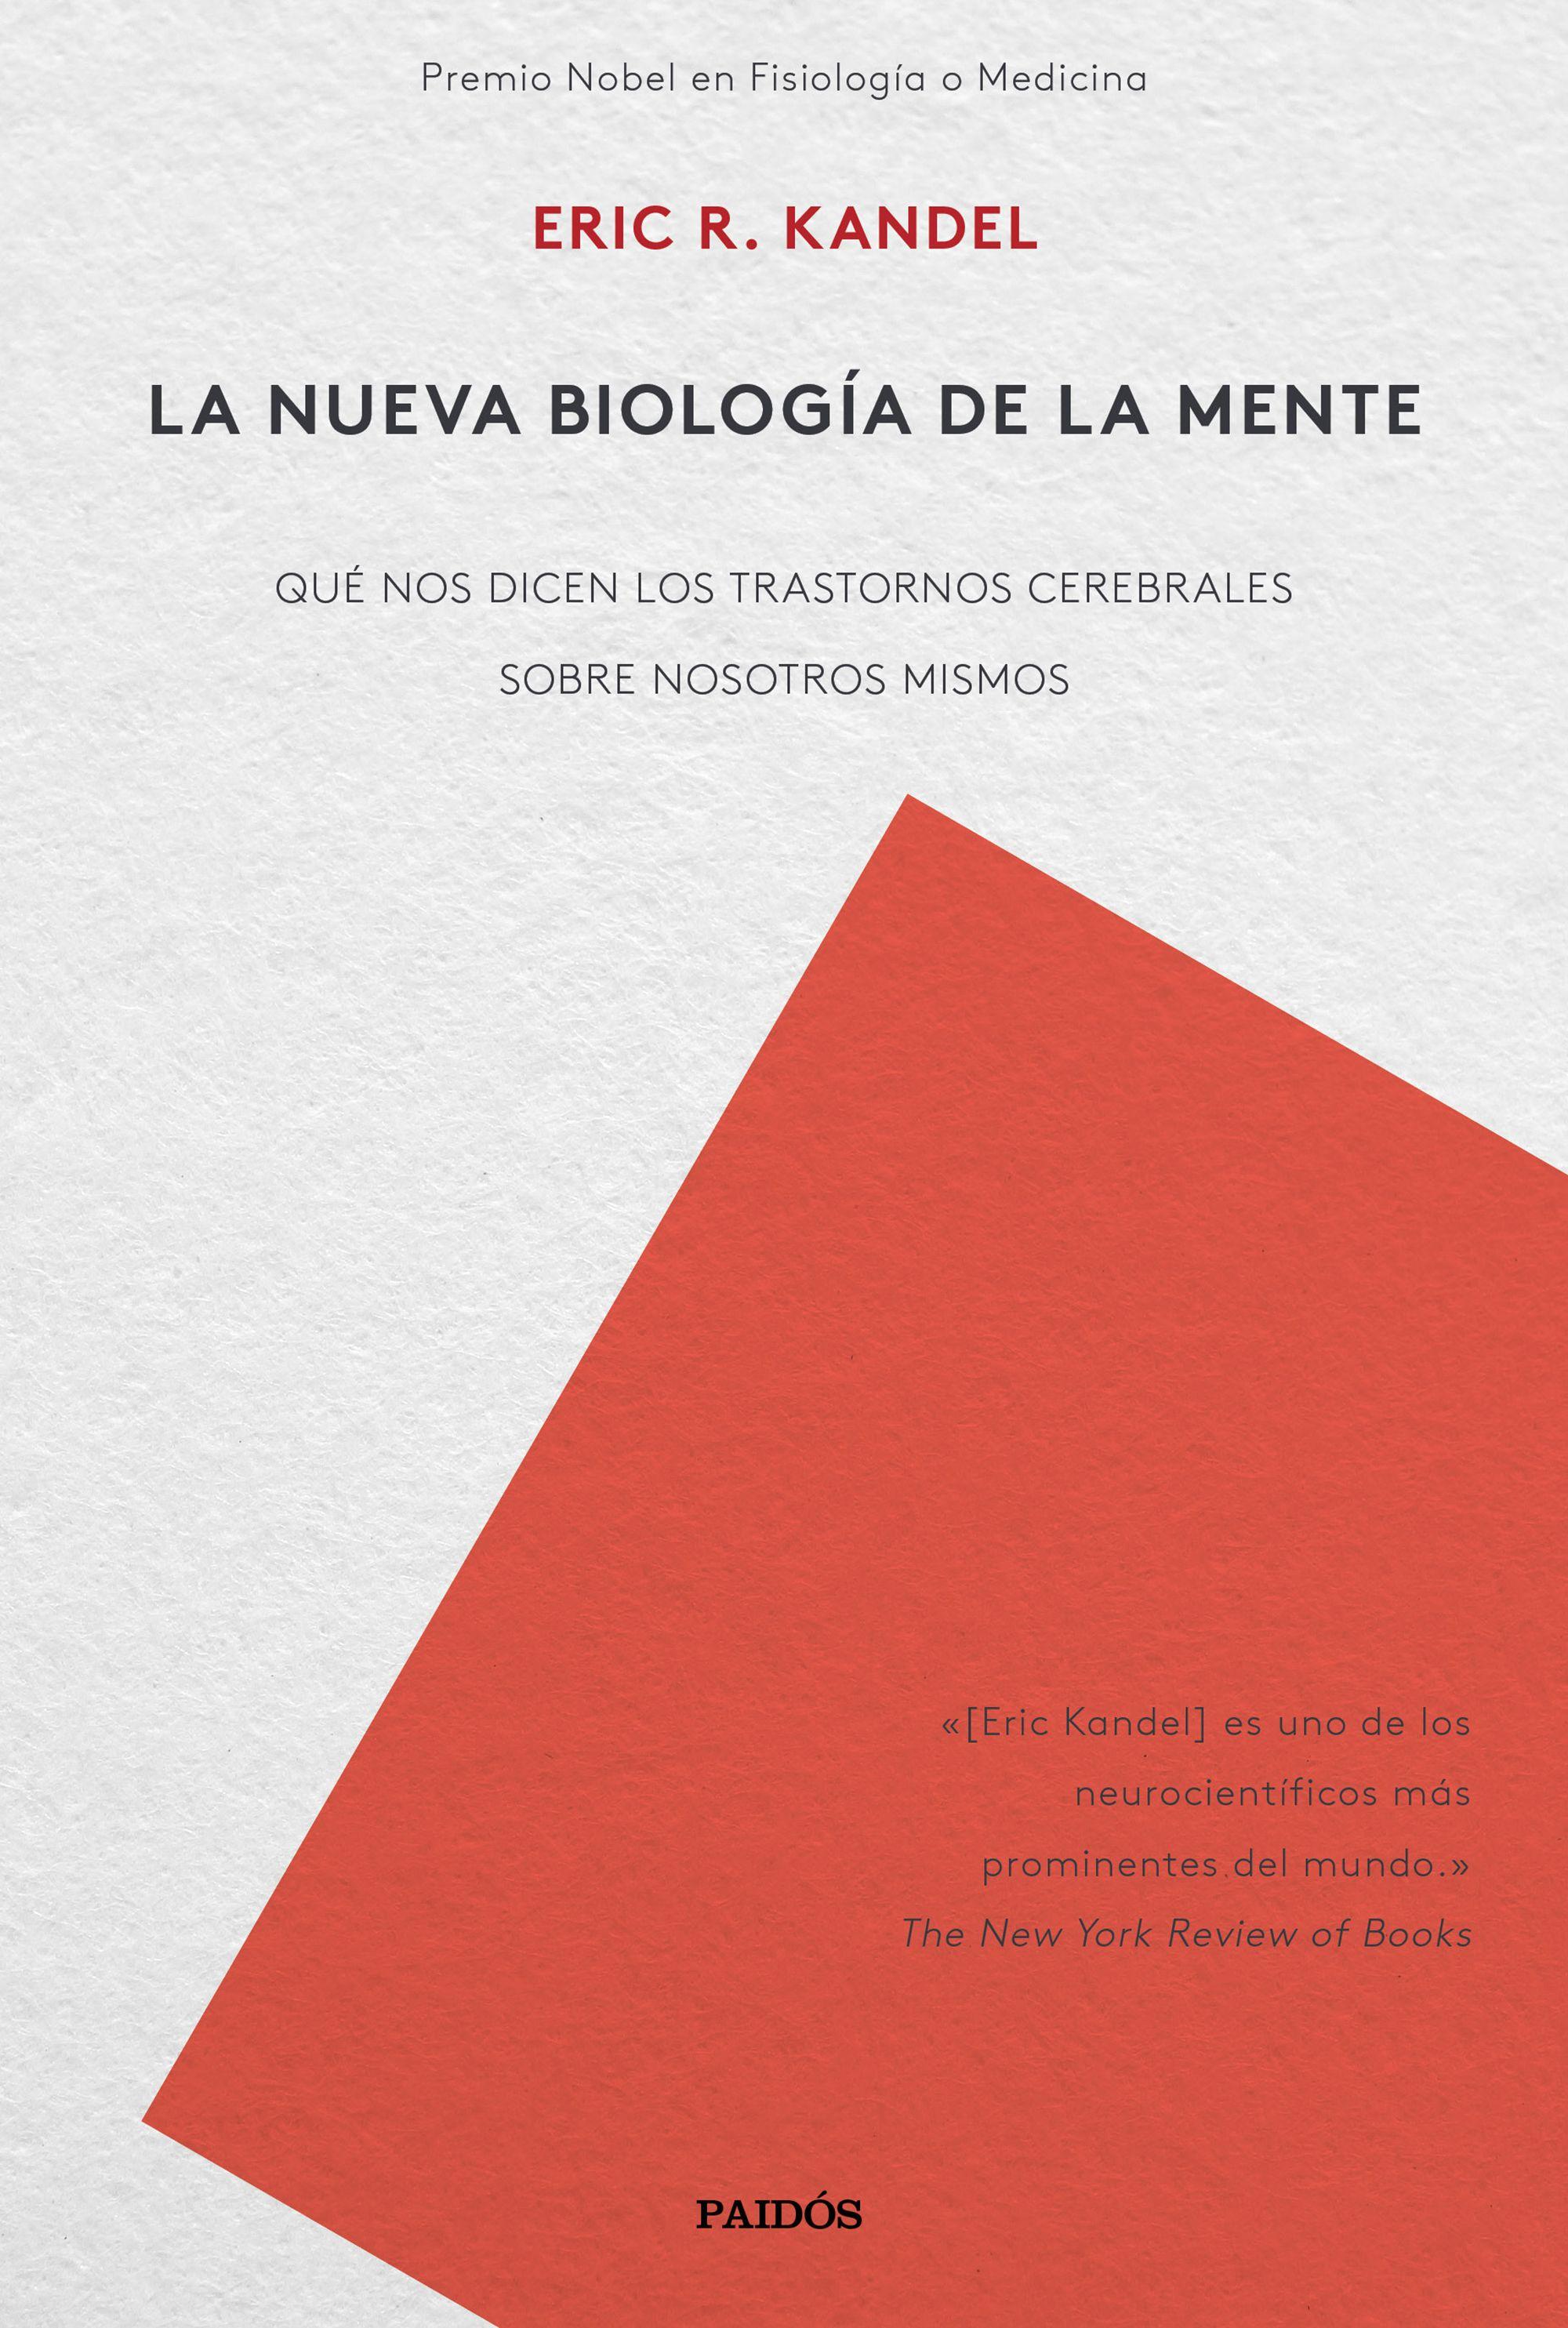 la nueva biologia de la mente-eric richard kandel-9788449335655